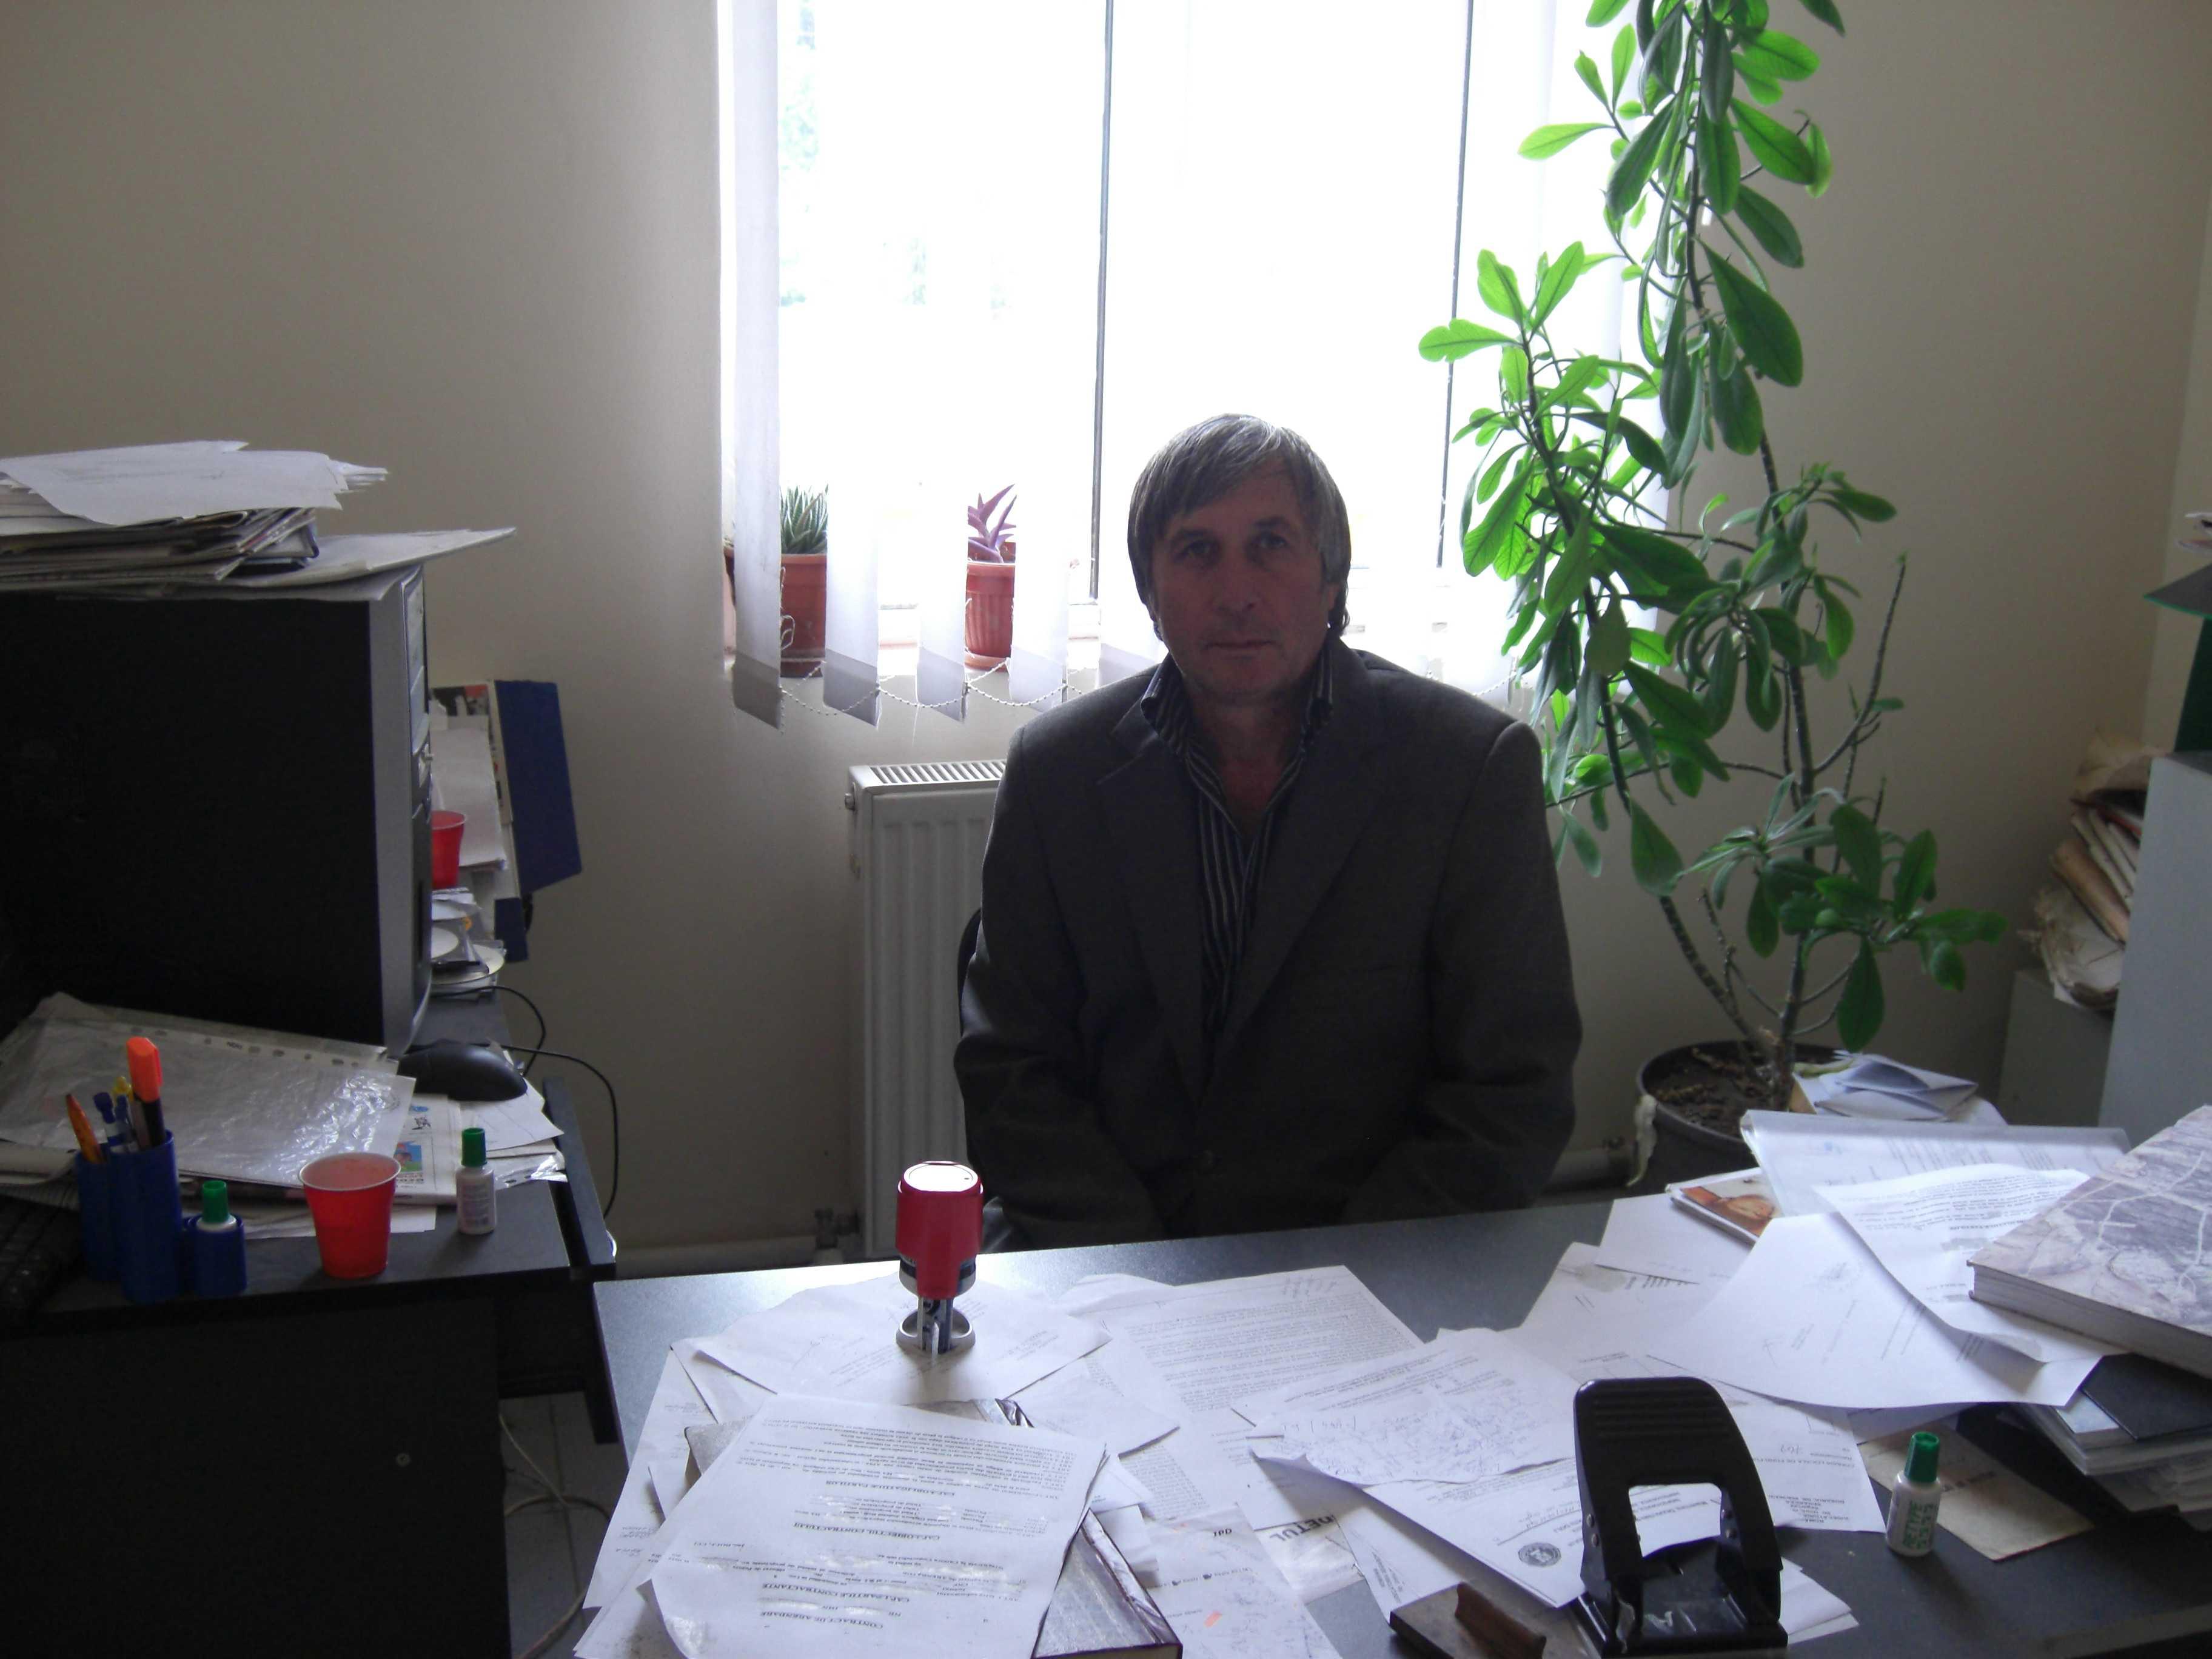 http://www.comunagighera.ro/wp-content/uploads/2011/04/1CIMG3638.jpg